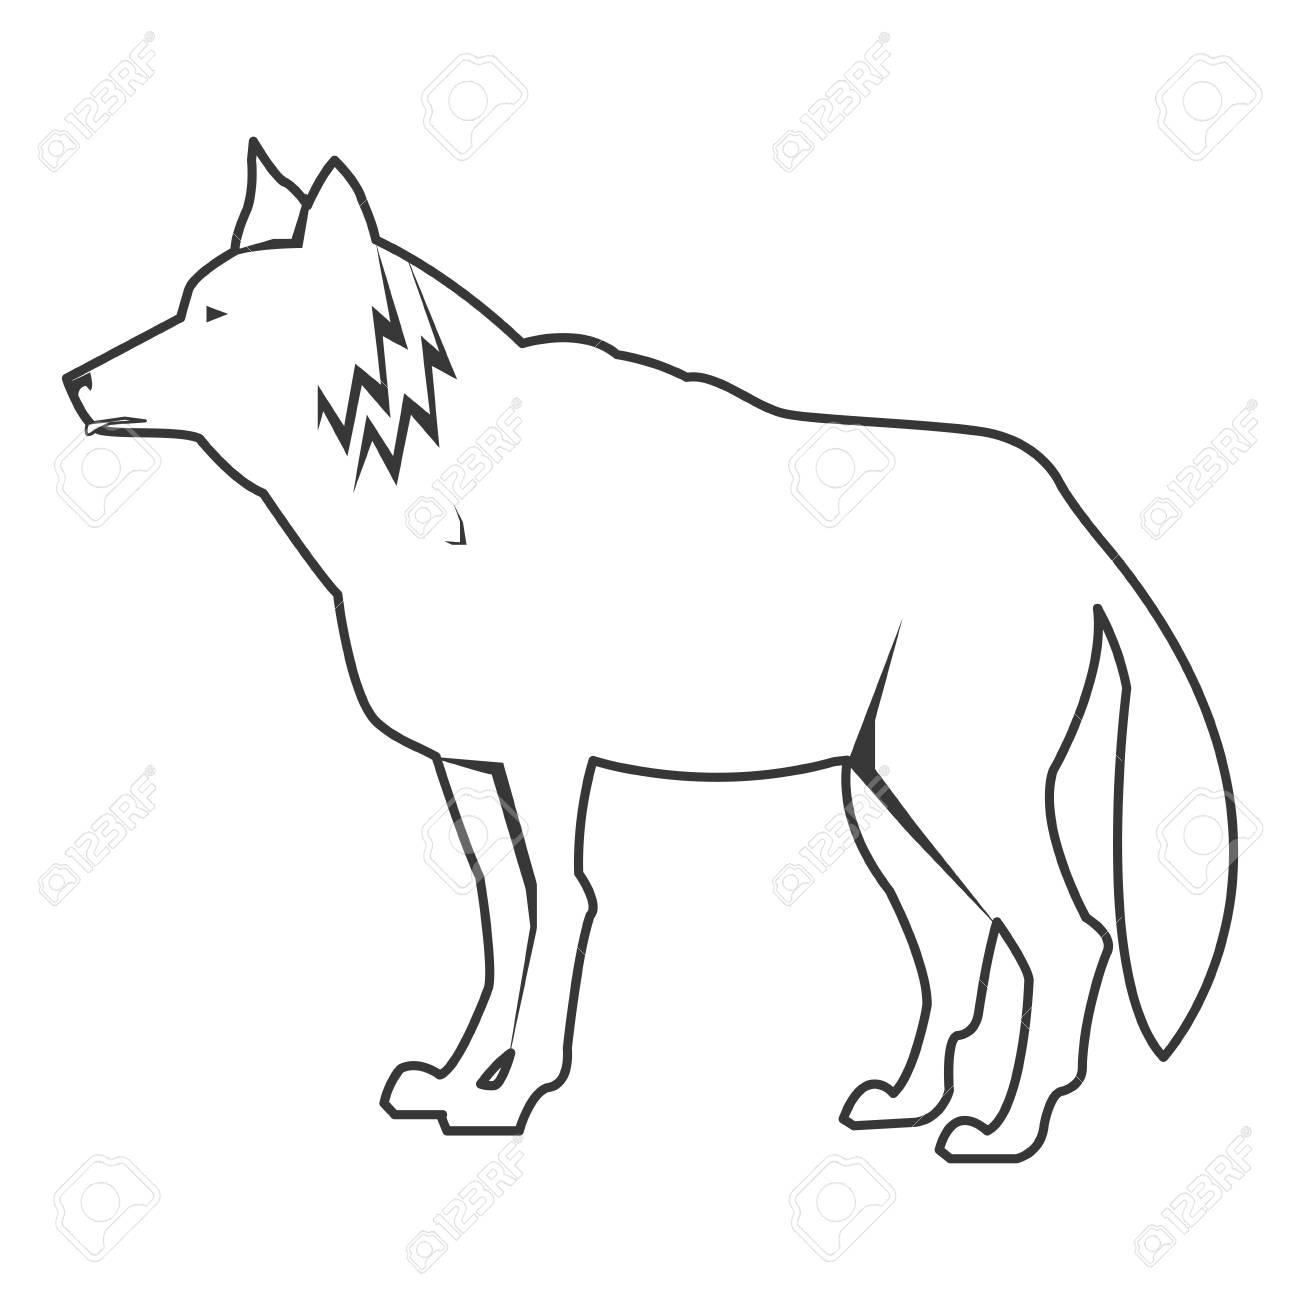 シンプルな黒い線狼アイコン ベクトル イラスト動物 ロイヤリティフリー